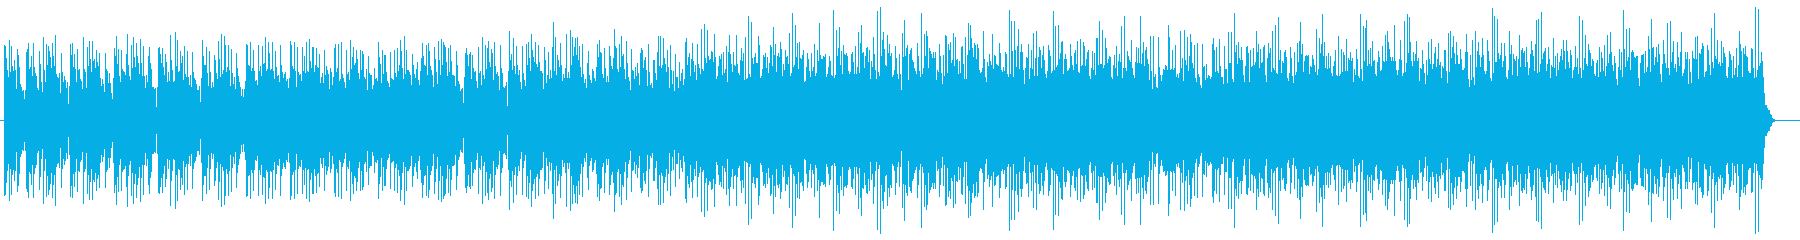 近未来風シンセサイザーサウンドの再生済みの波形